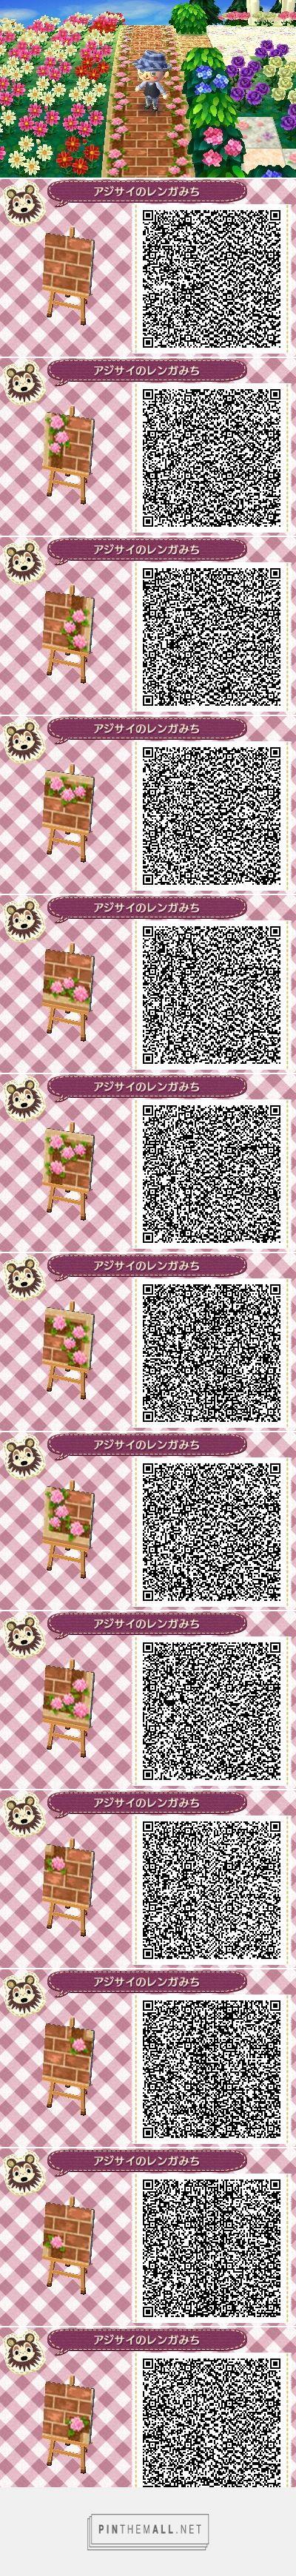 Pink hydrangea brown brick path